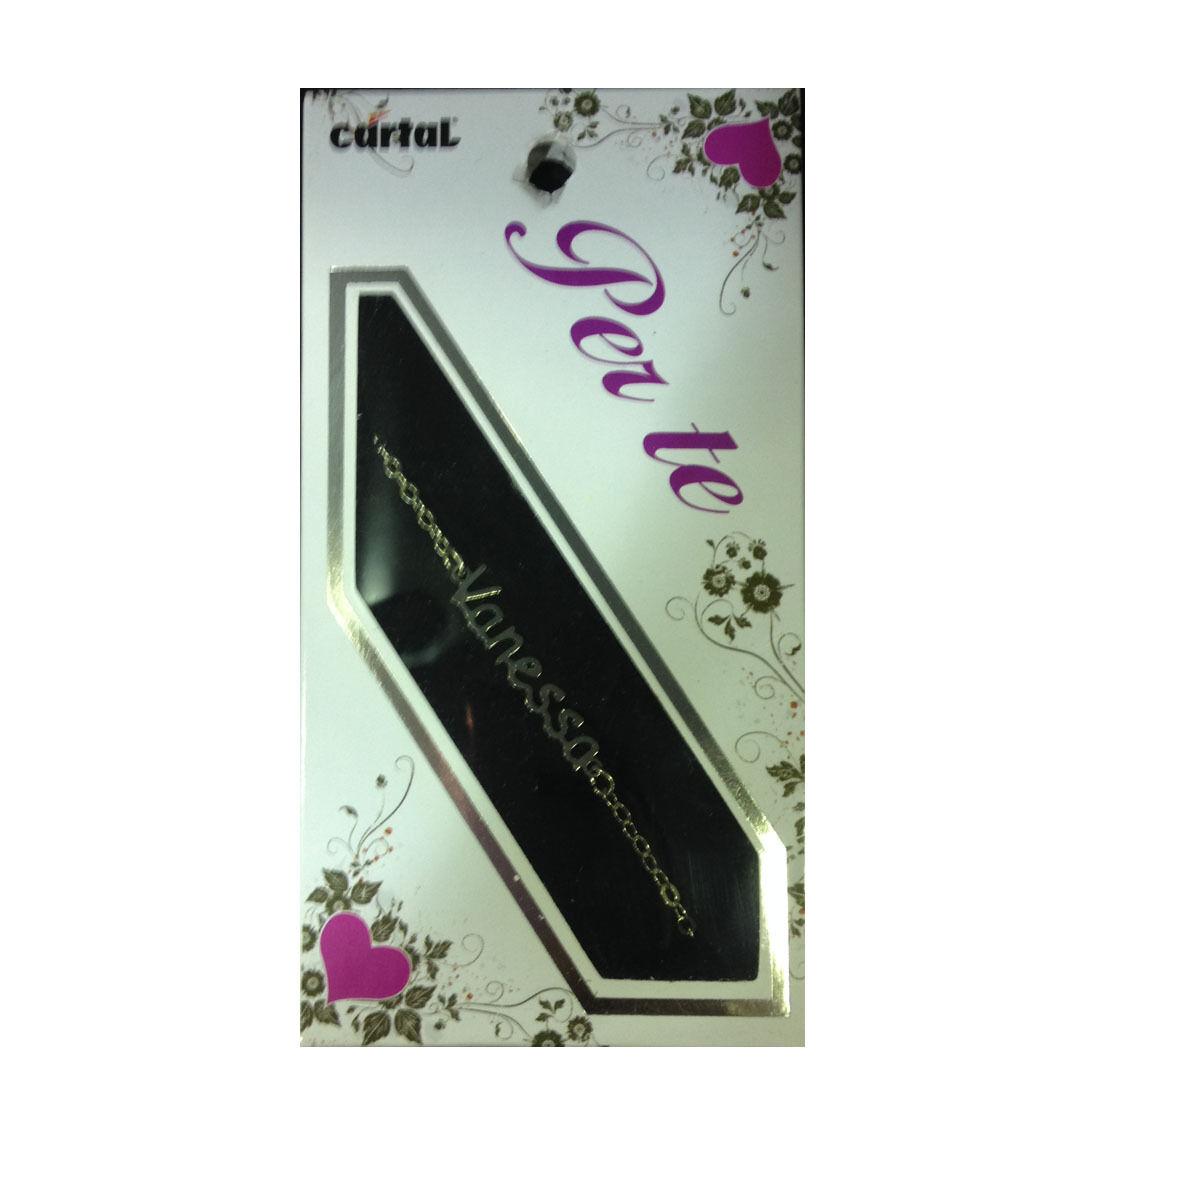 PER TE braccialetto con nome VANESSA idea regalo femminile ed elegant